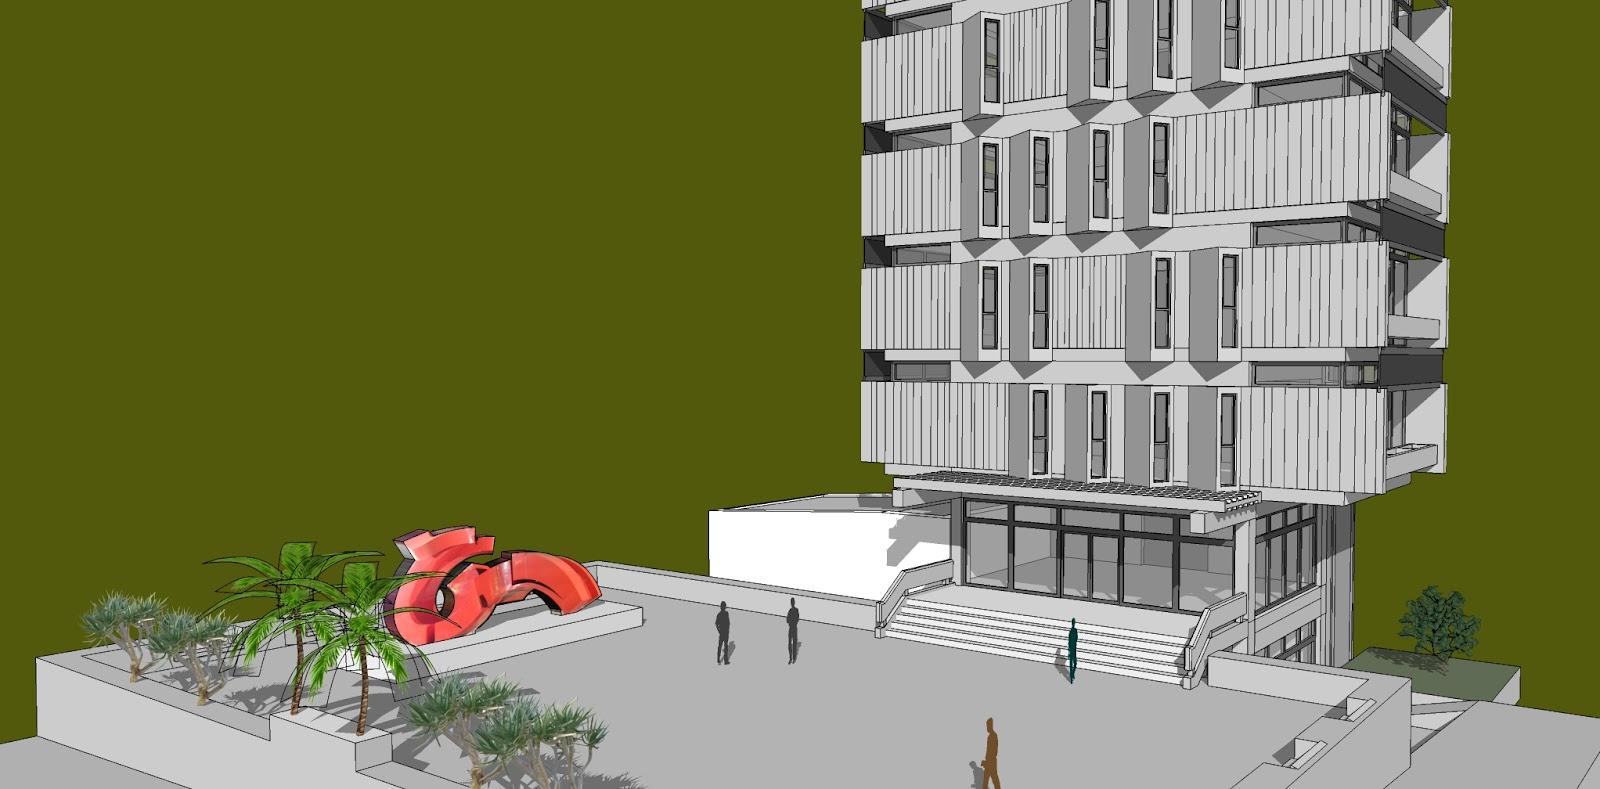 Arquitectura hist rica en tenerife espa a colegio de - Arquitectos en tenerife ...